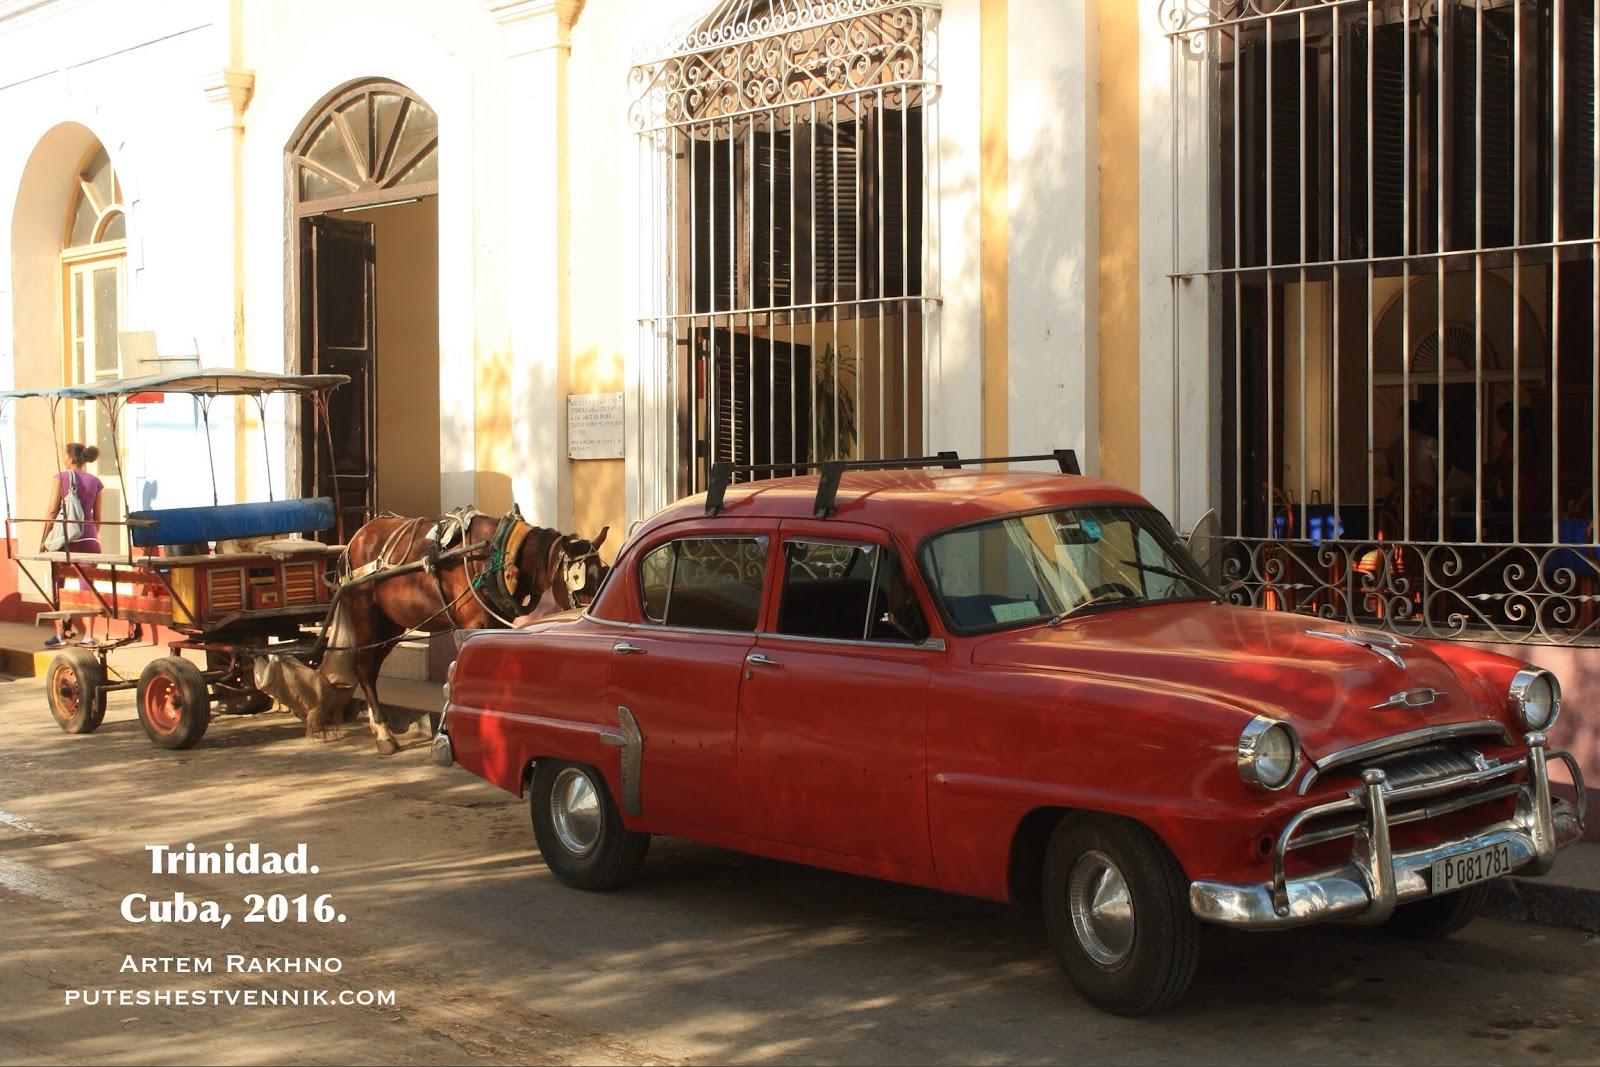 Старый автомобиль на улице в кубинском городе